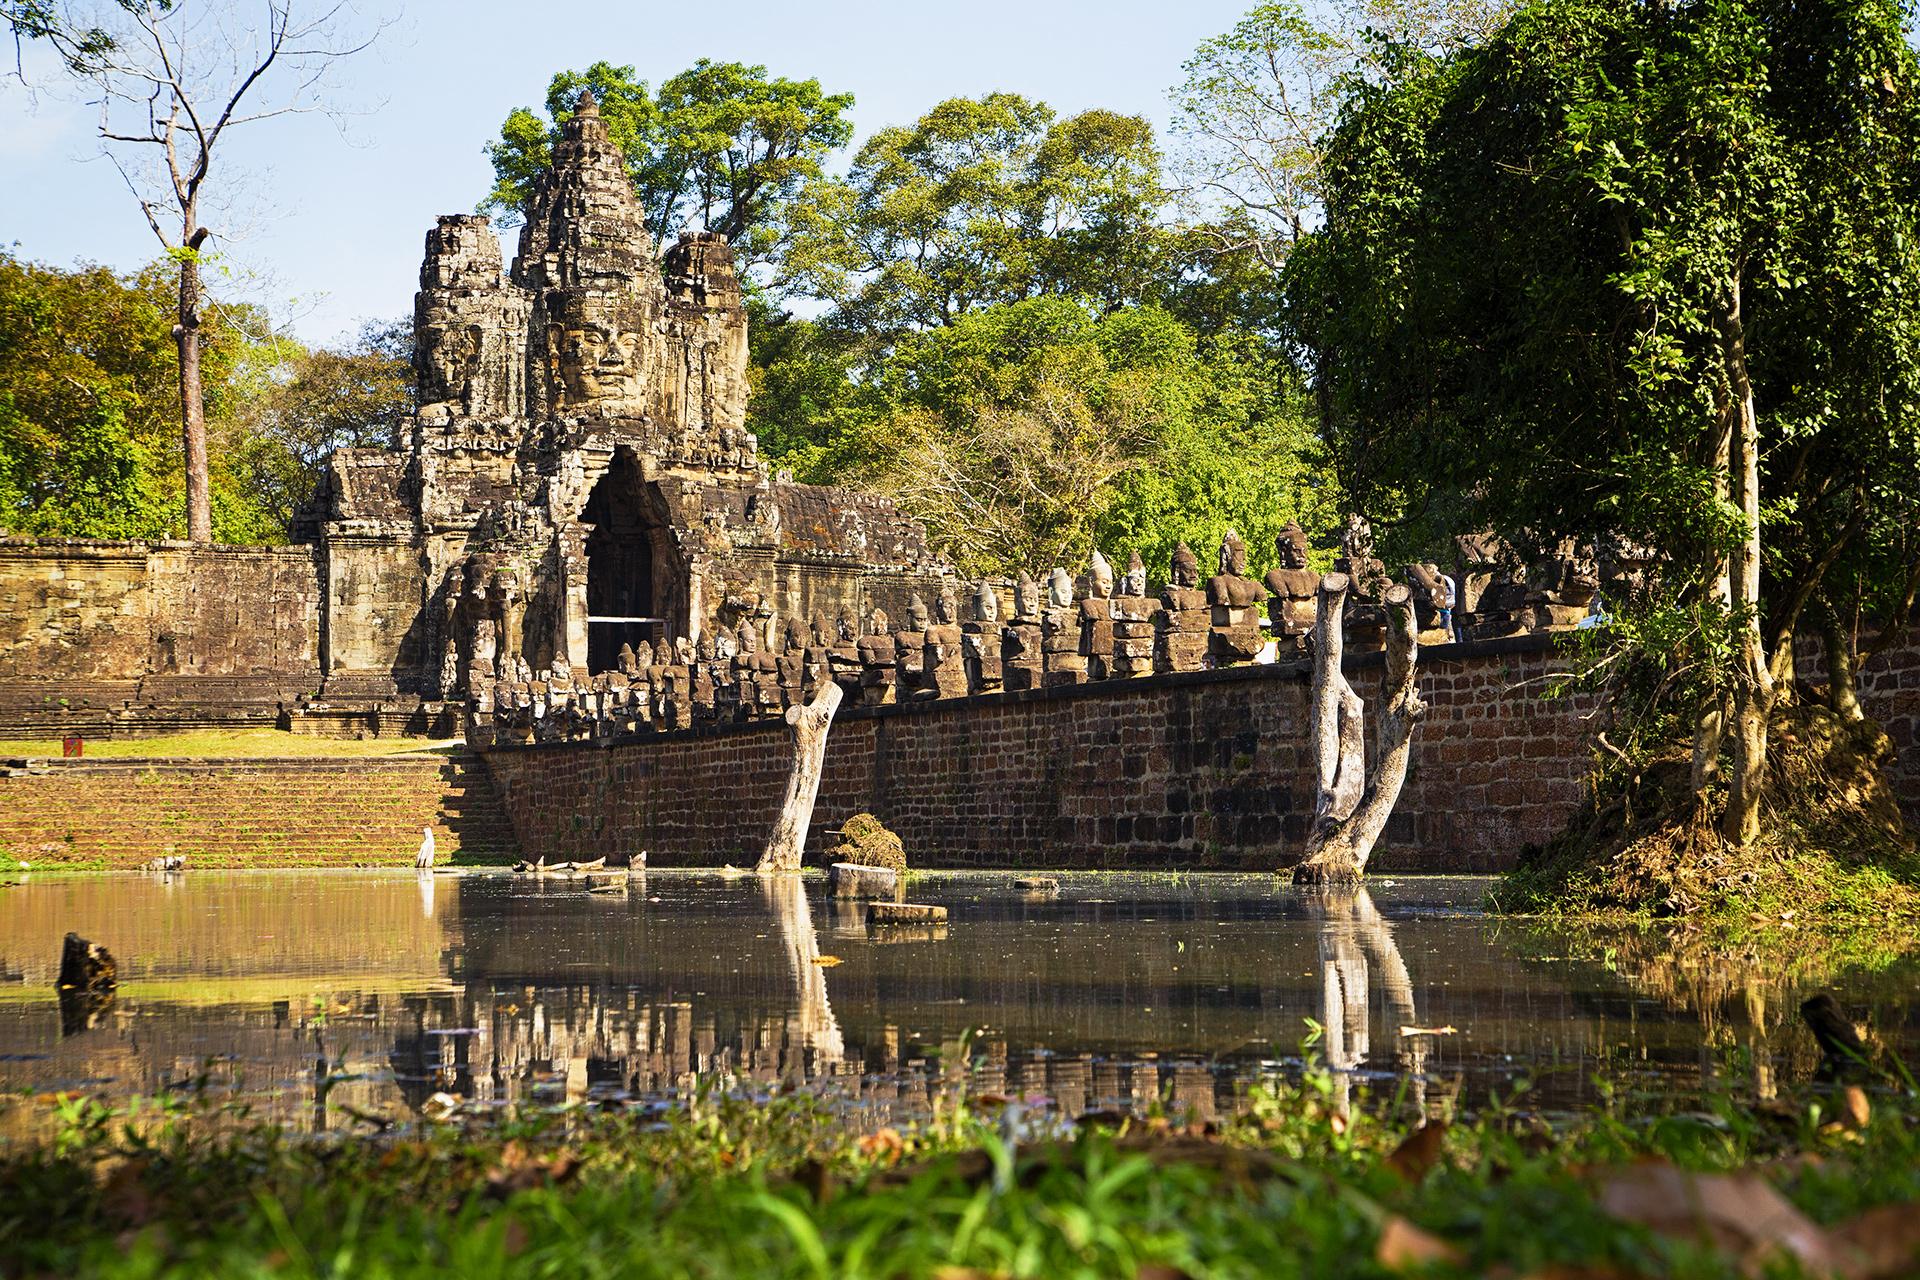 The Road to Angkor Wat